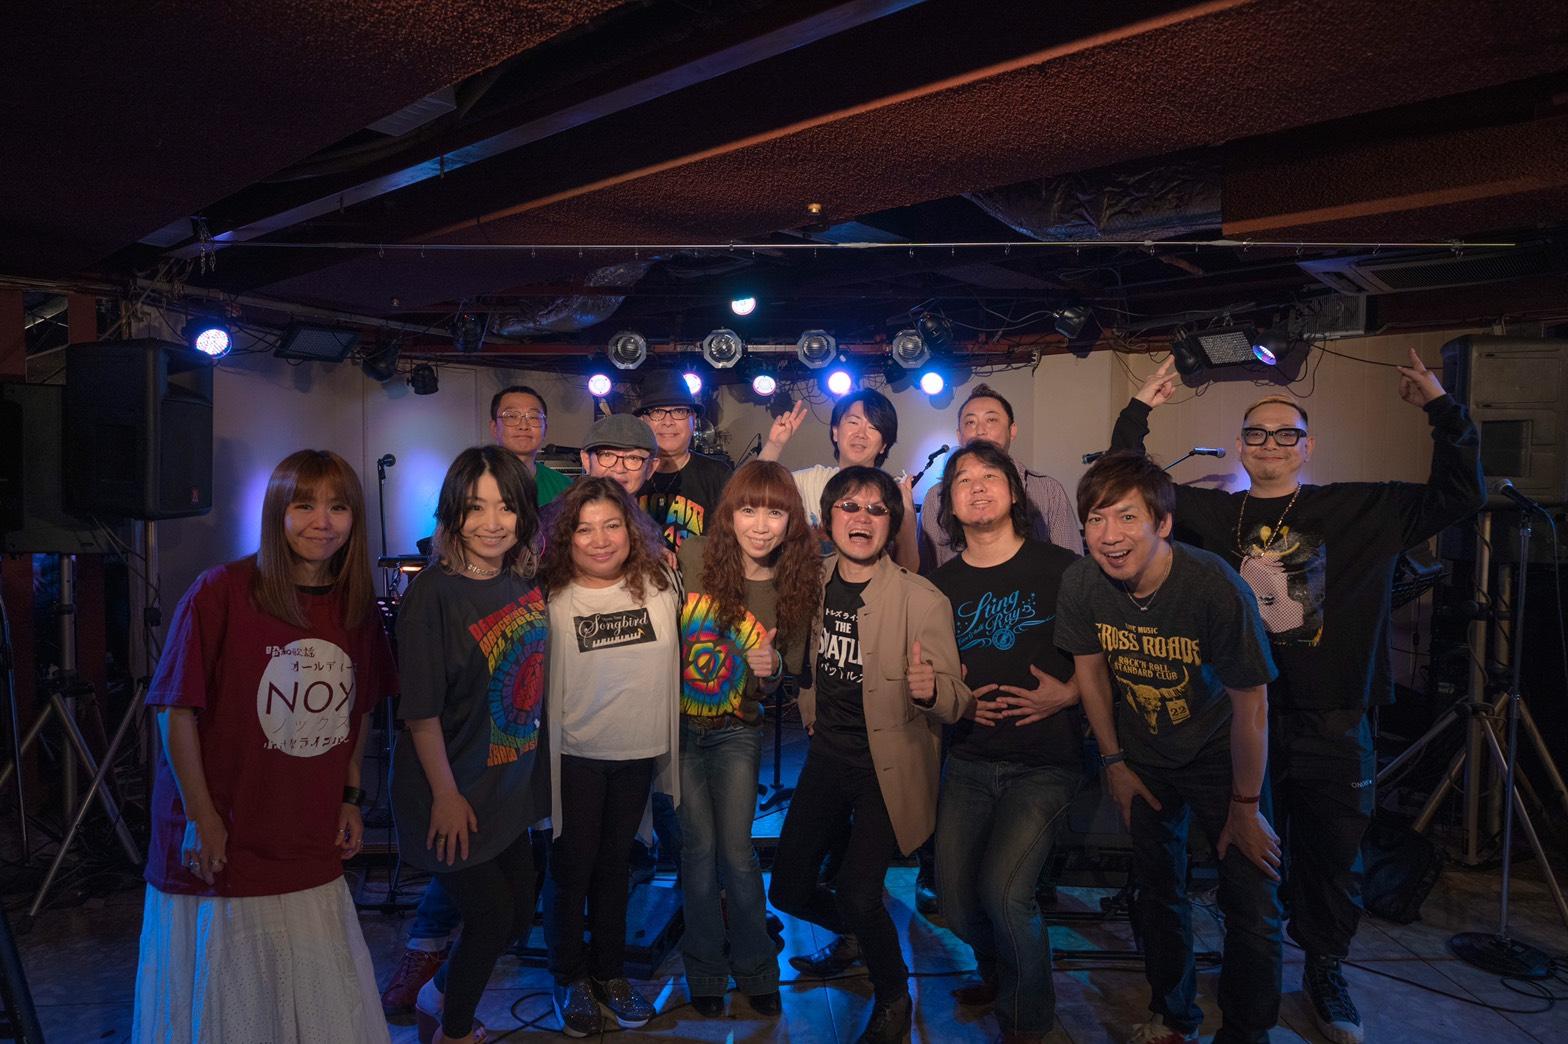 史上初!札幌すすきの応援チャリティーソング「SUSUKINO BEAT」が完成